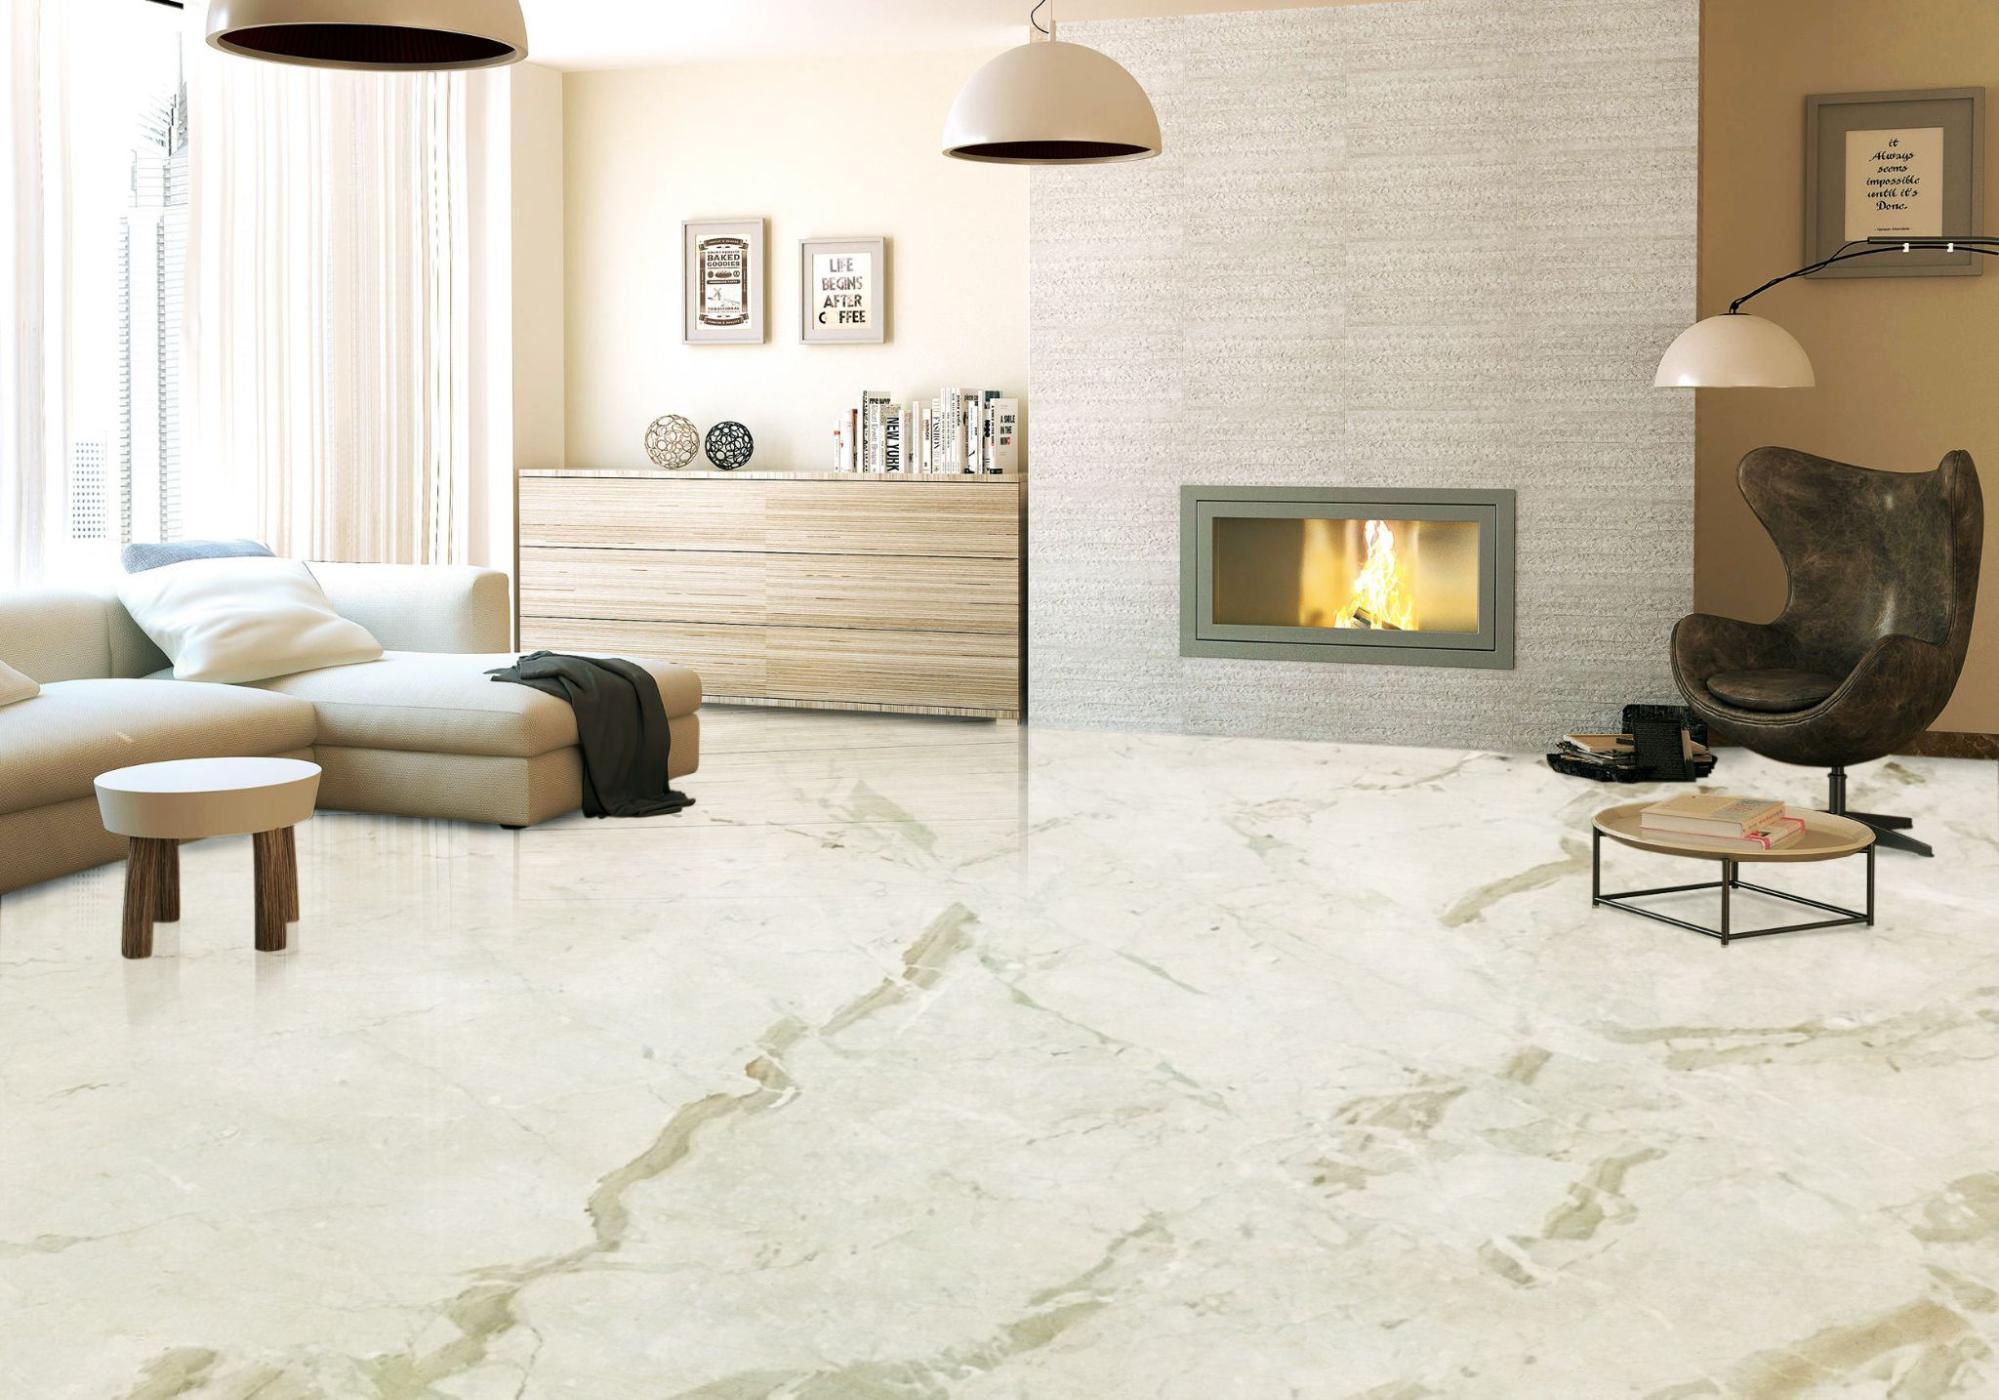 Breccia Marble Slab On Flooring